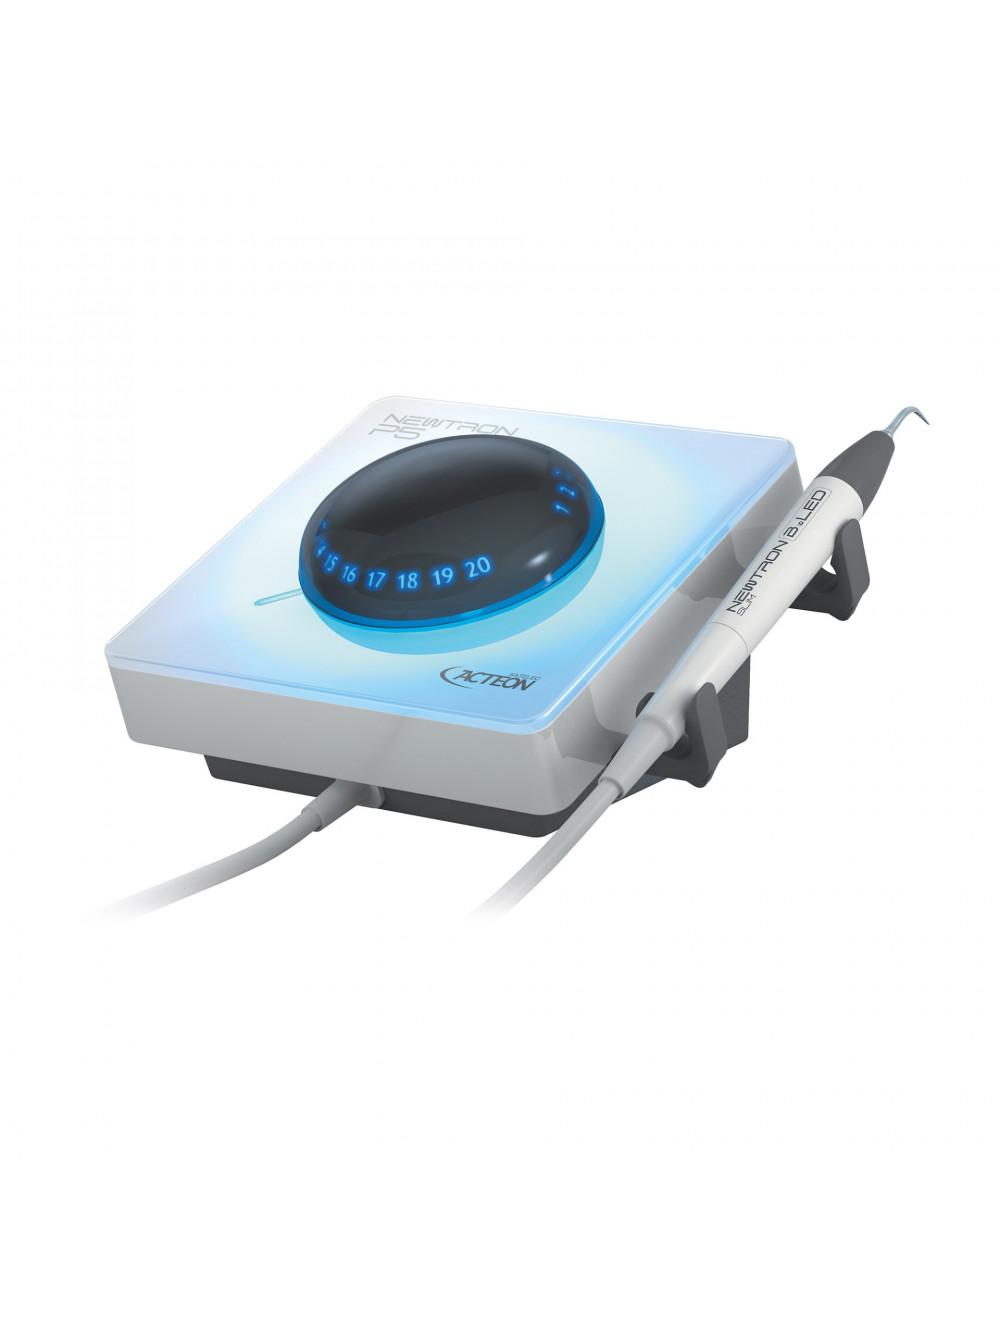 Das Produkt Acteon Newtron P5 B.LED Ultraschallgenerator, Festwasseranschluss F61101 aus dem Global-dent online shop.